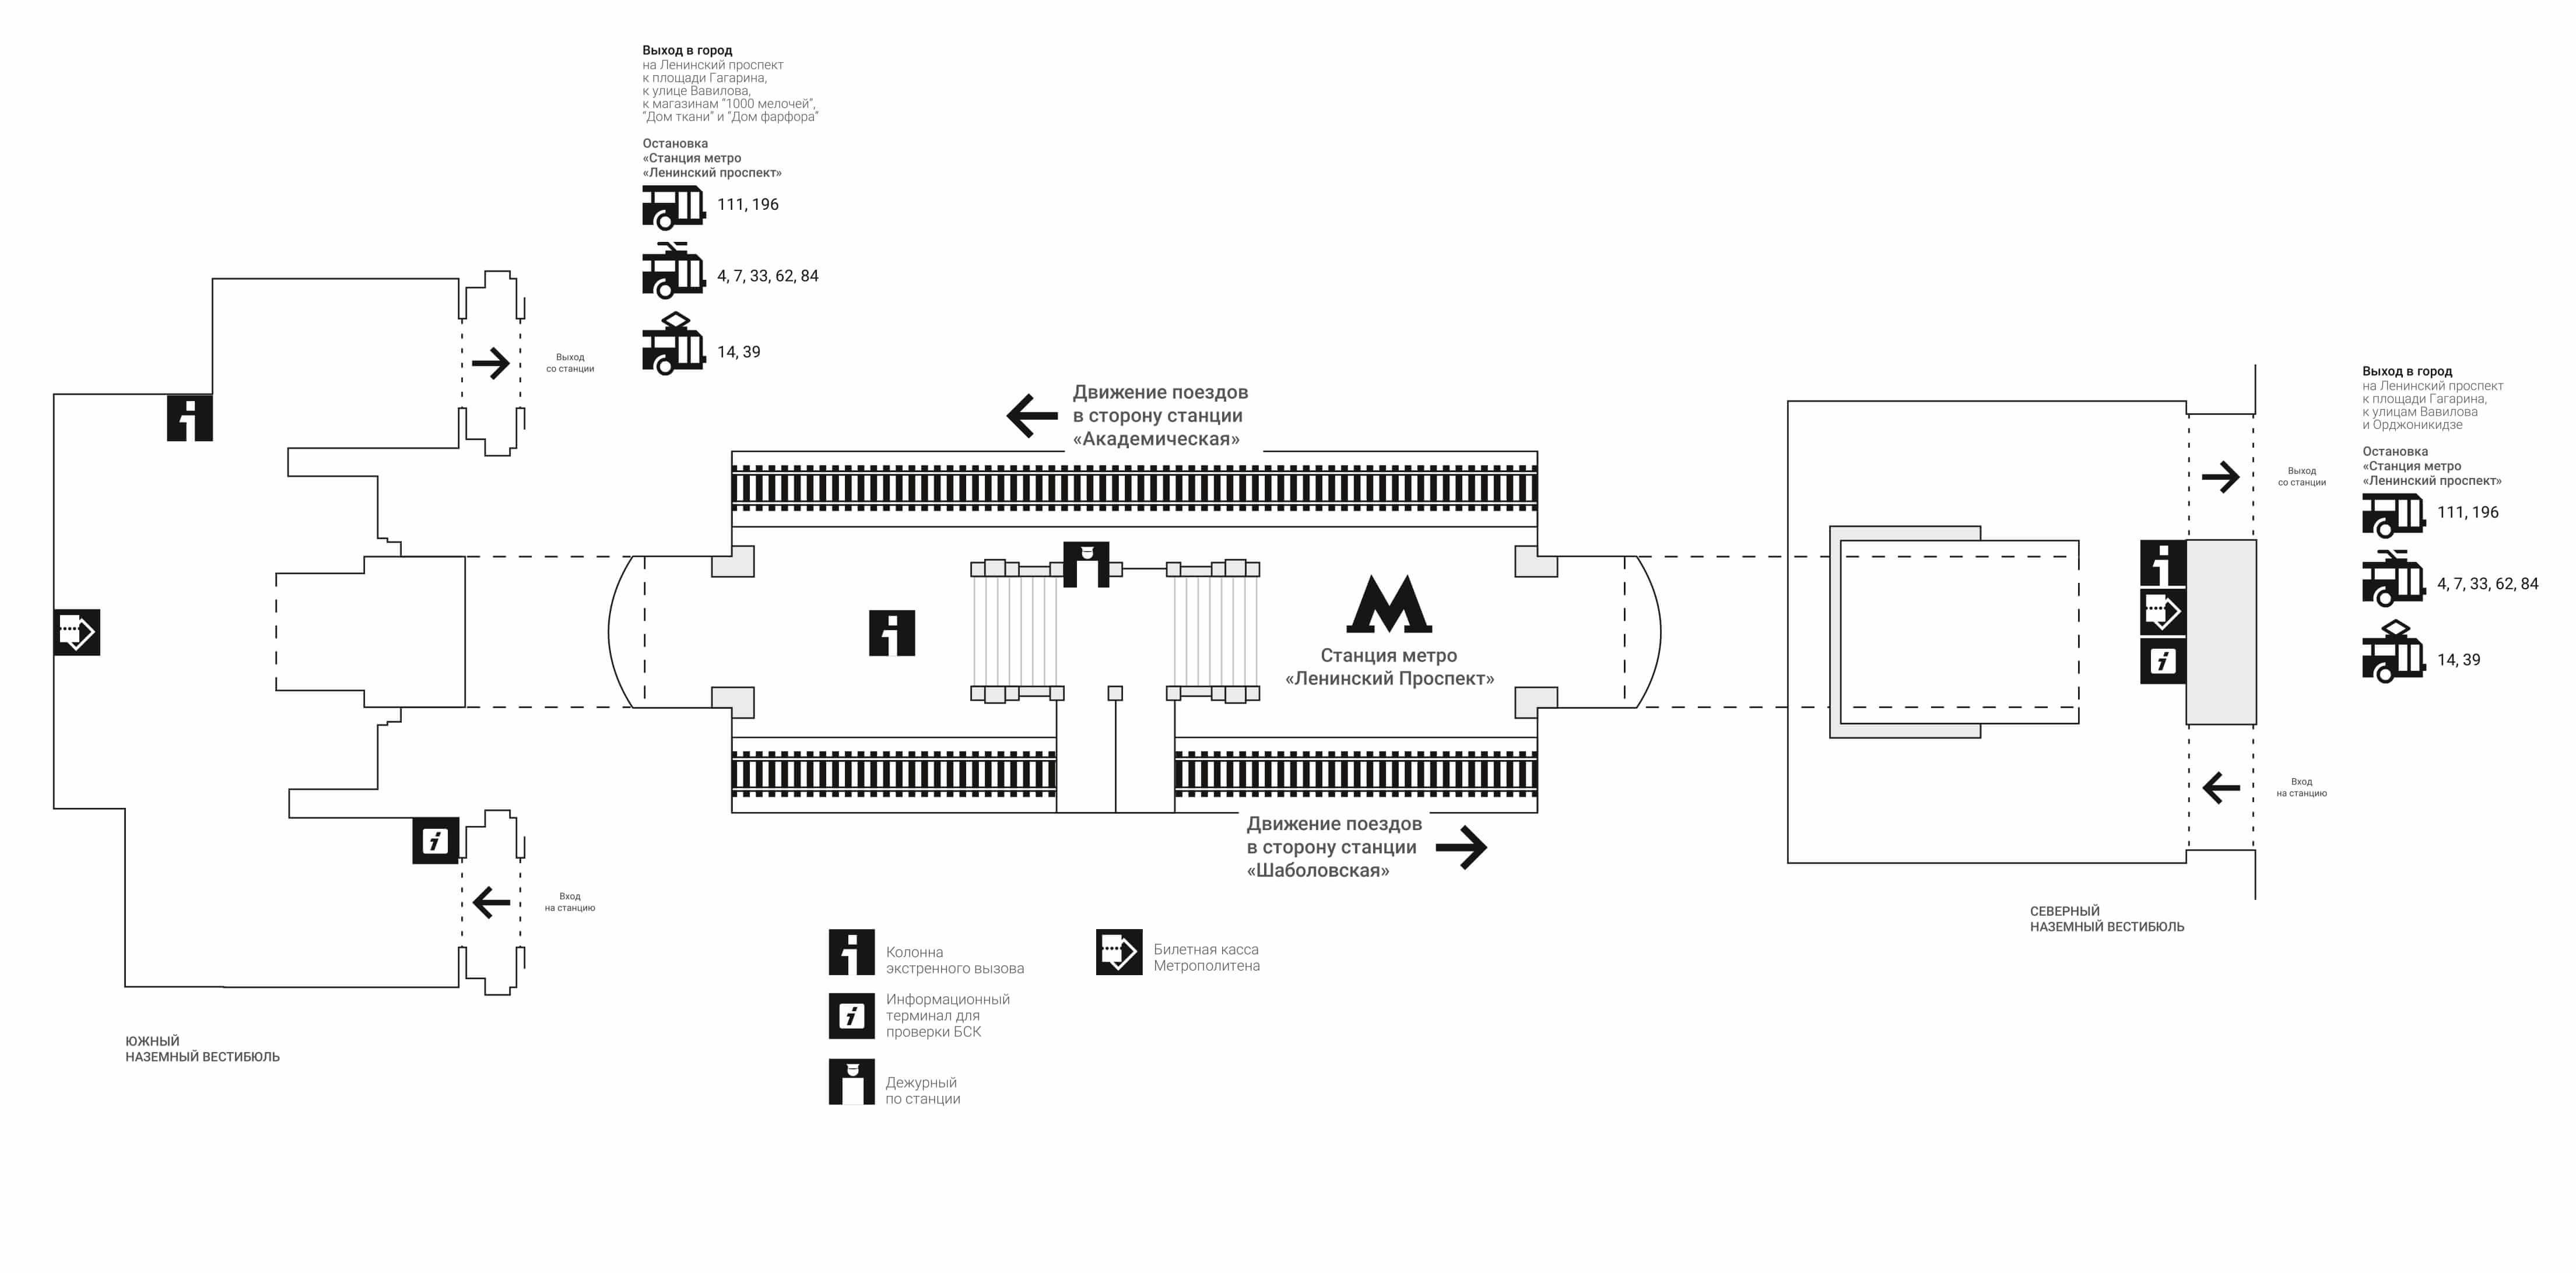 Метро ленинский схема